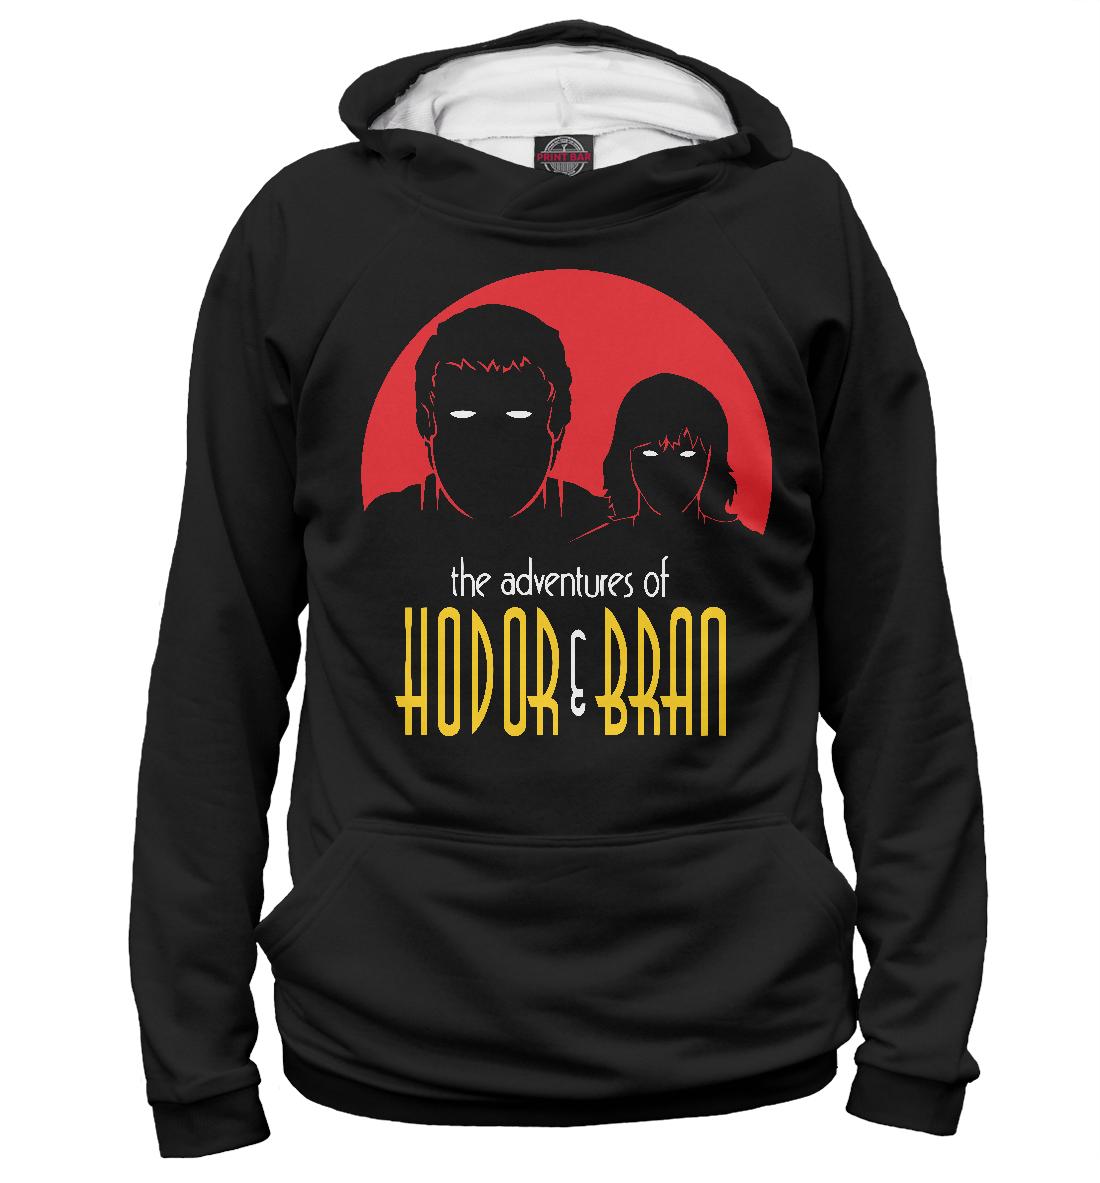 Купить Hodor & Bran, Printbar, Худи, IGR-526503-hud-2